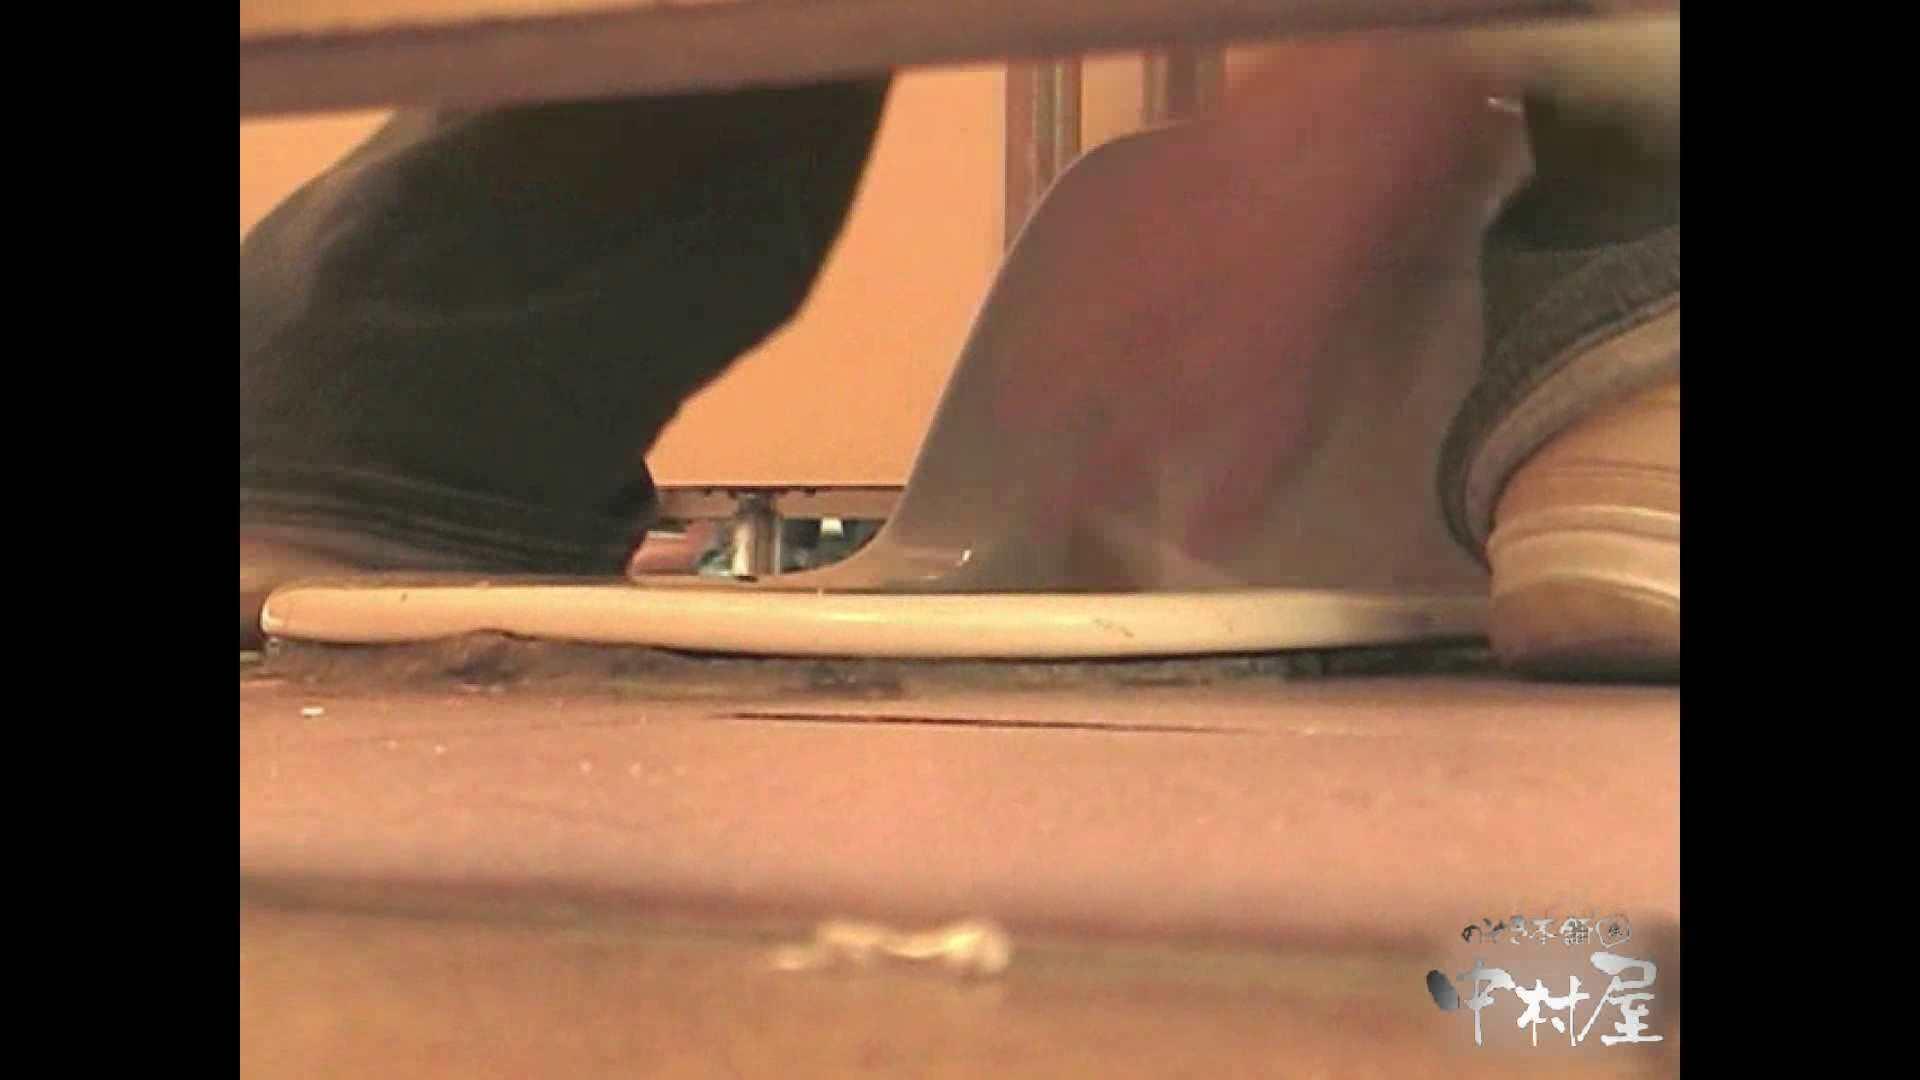 岩手県在住盗撮師盗撮記録vol.01 美しいOLの裸体 オマンコ無修正動画無料 98pic 26